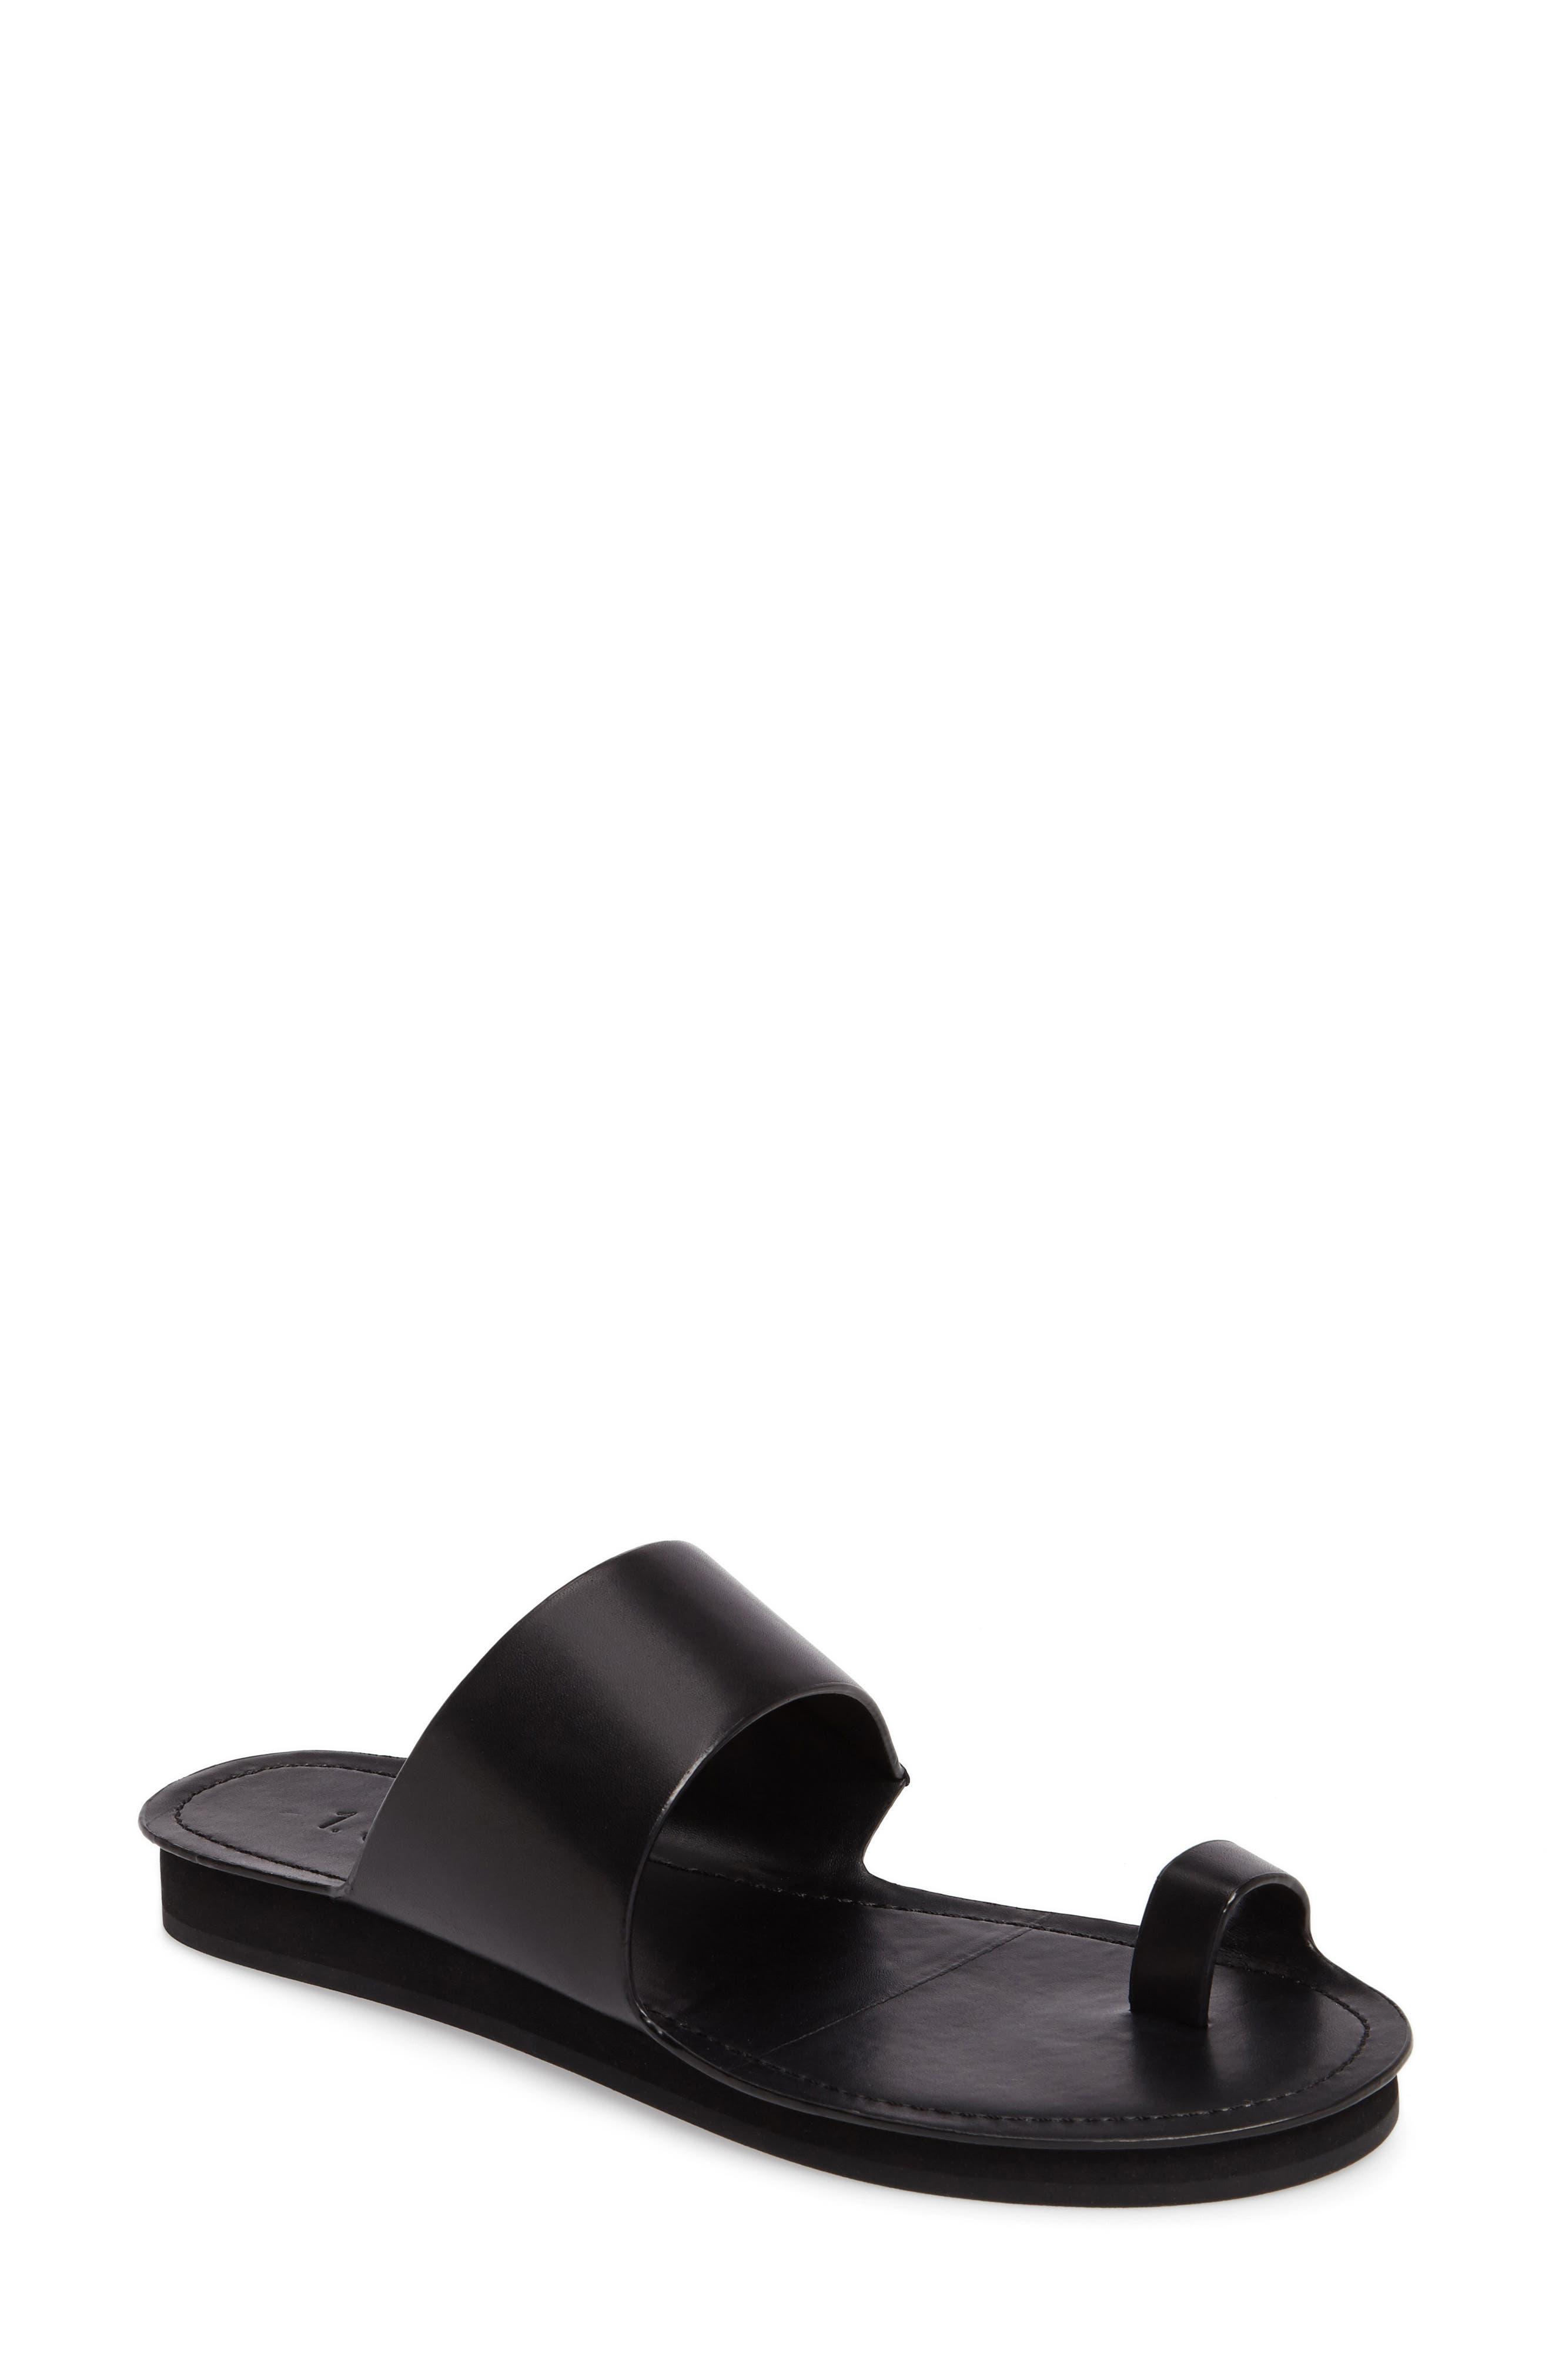 Alternate Image 1 Selected - 1.STATE Dilan Toe Loop Sandal (Women)